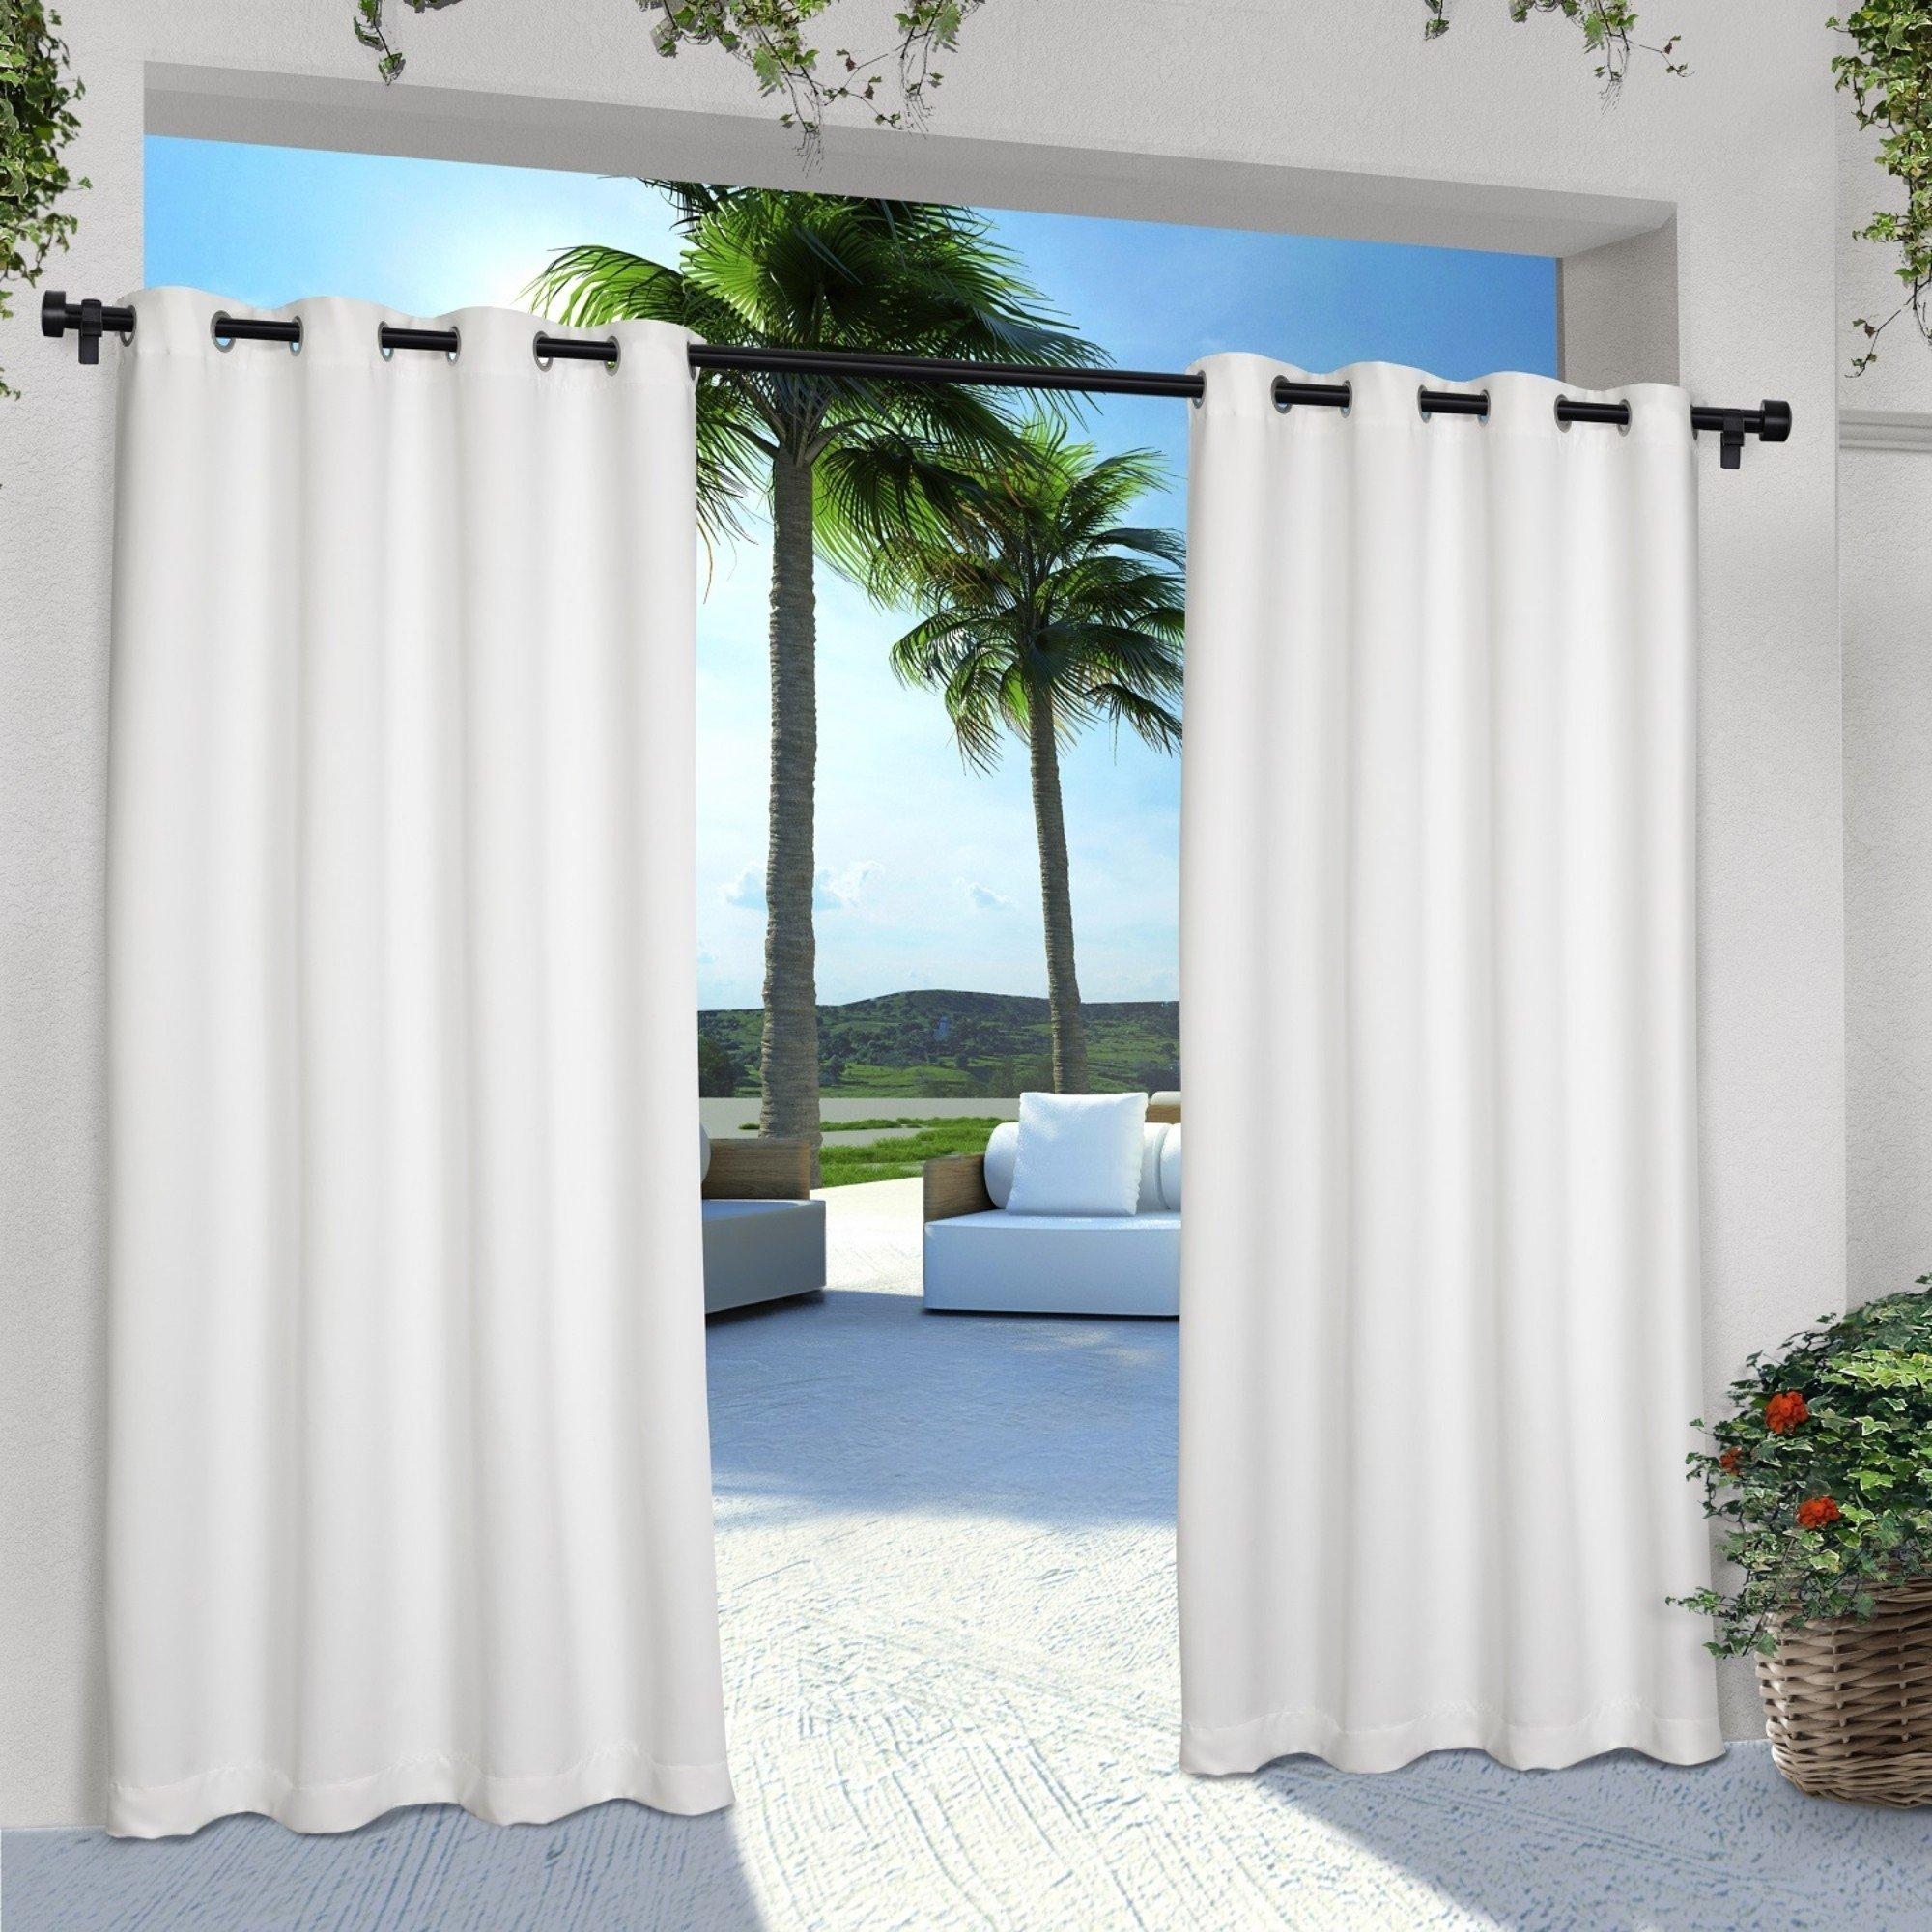 Ati Home Indoor/outdoor Solid Grommet Top Curtain Panel Pair Throughout Delano Indoor/outdoor Grommet Top Curtain Panel Pairs (View 13 of 20)